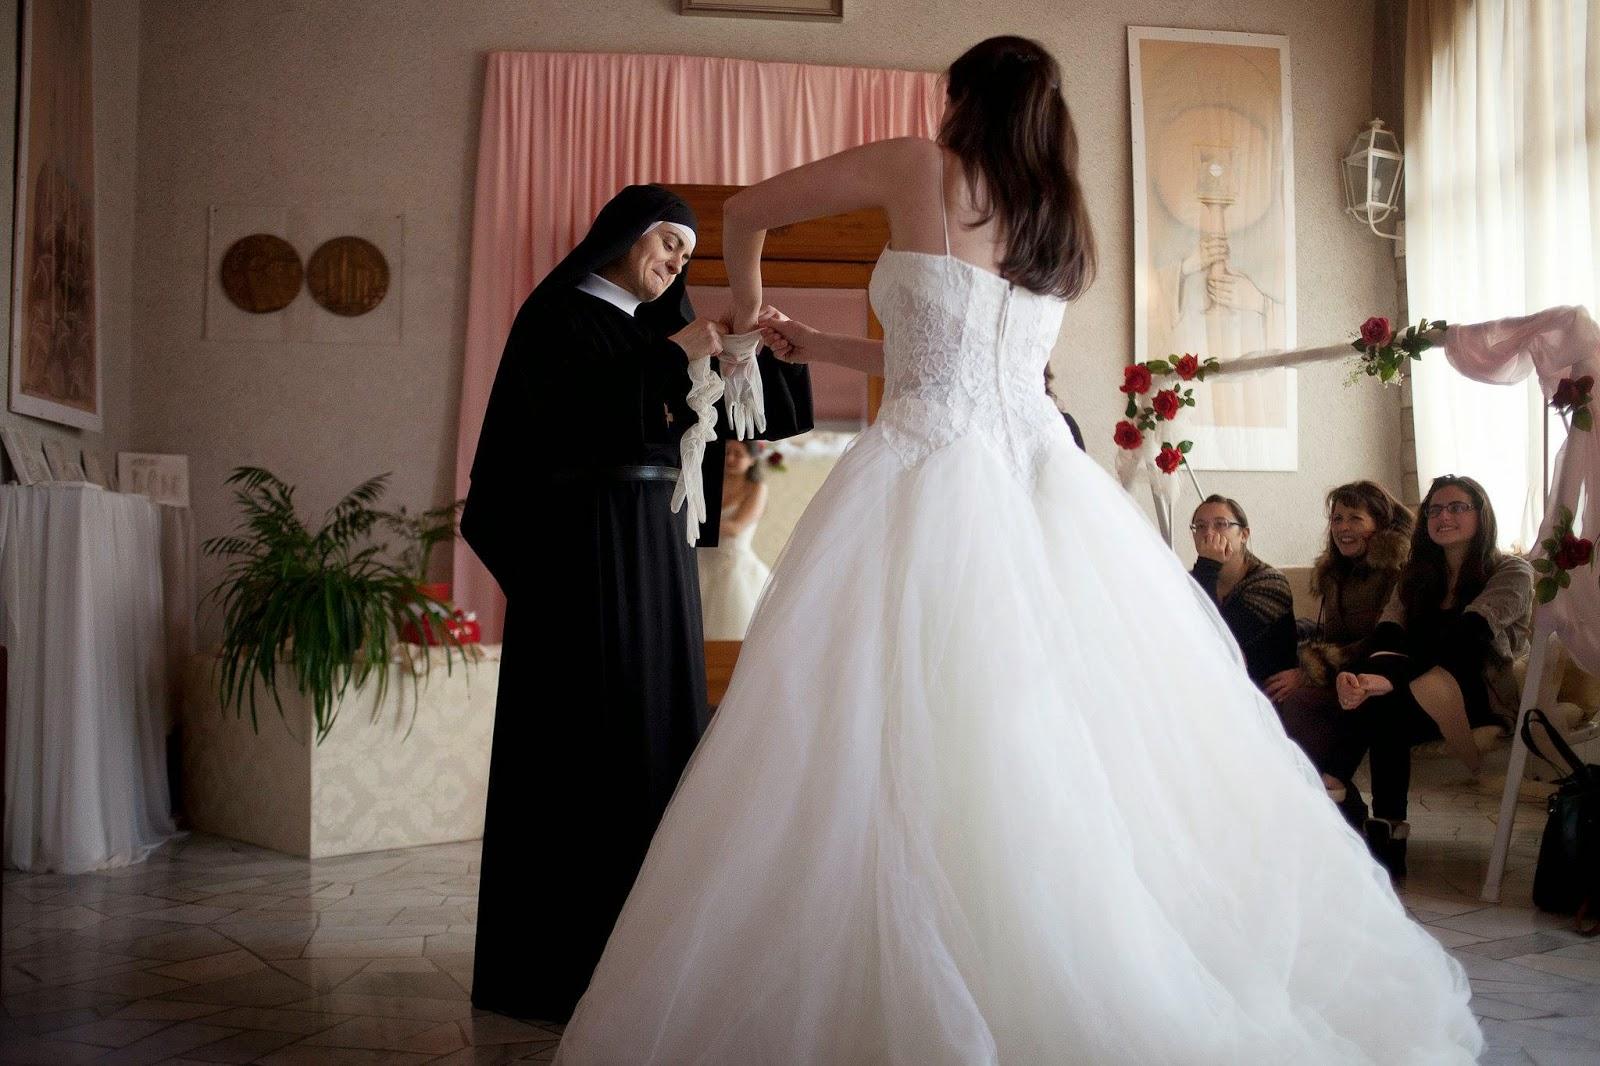 Matrimonio In Vista : Carlo cracco matrimonio in vista con rosa fanti cronaca diretta